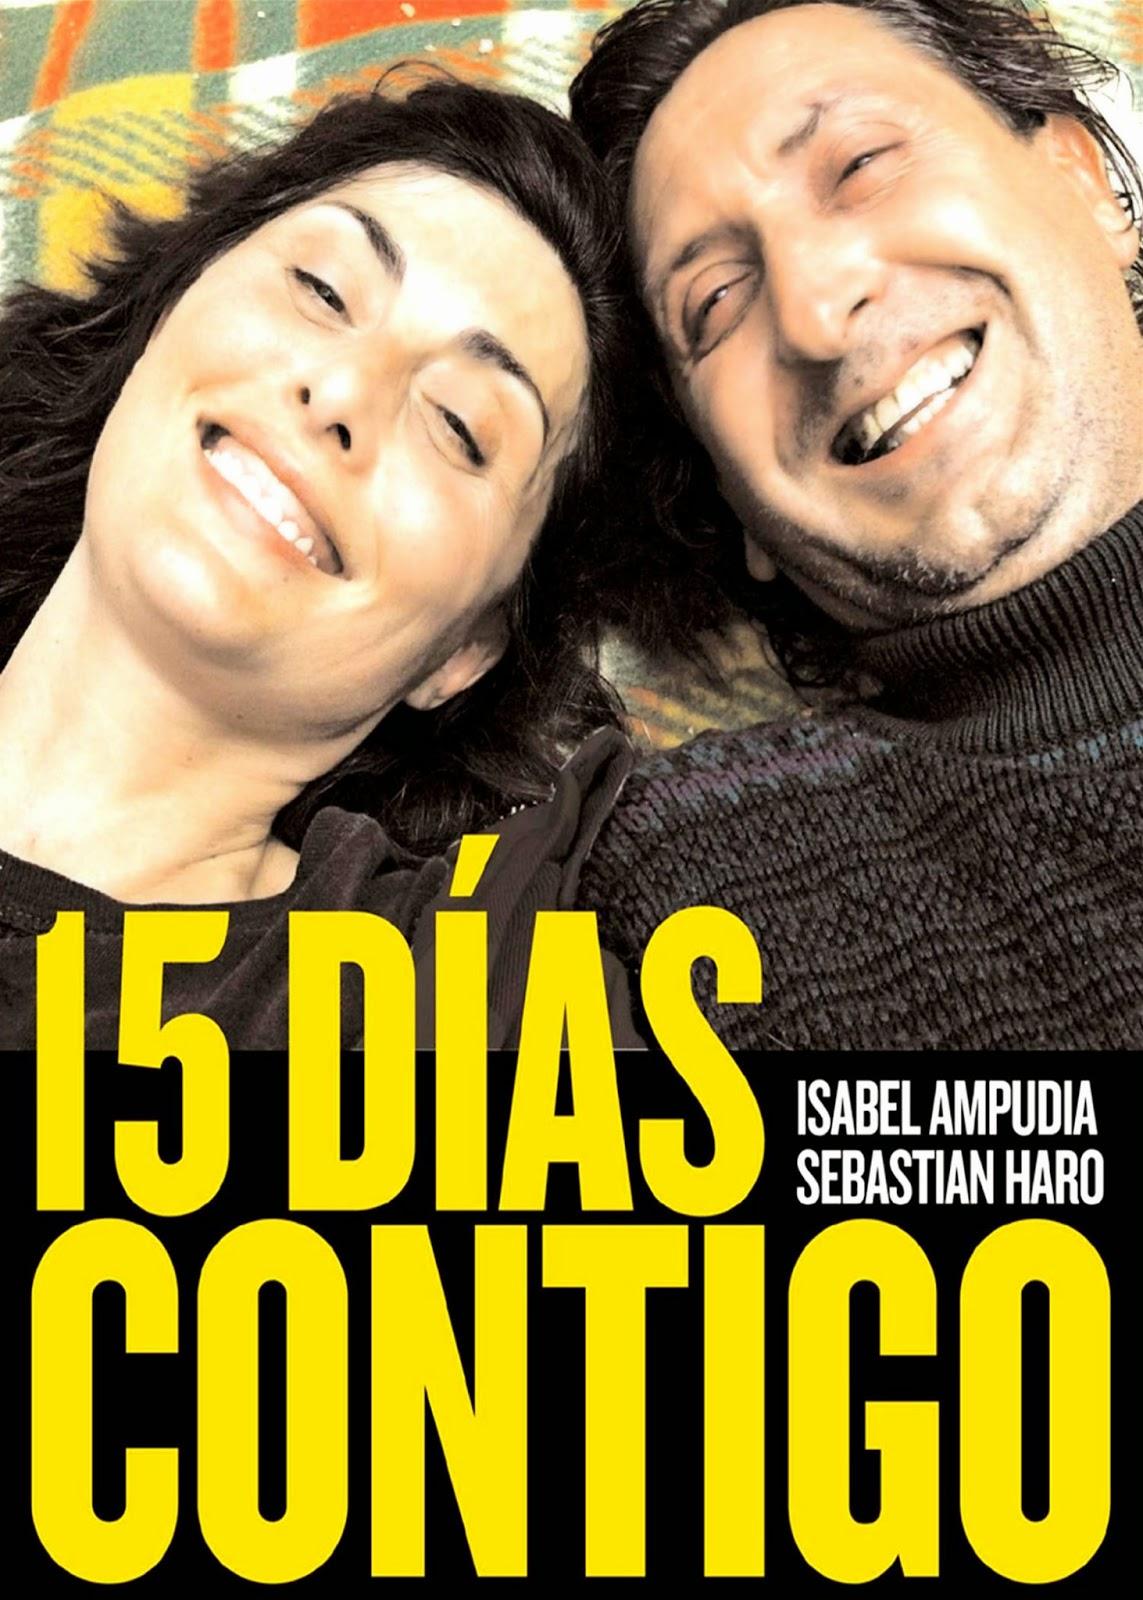 15 Días Contigo (2005) Drama